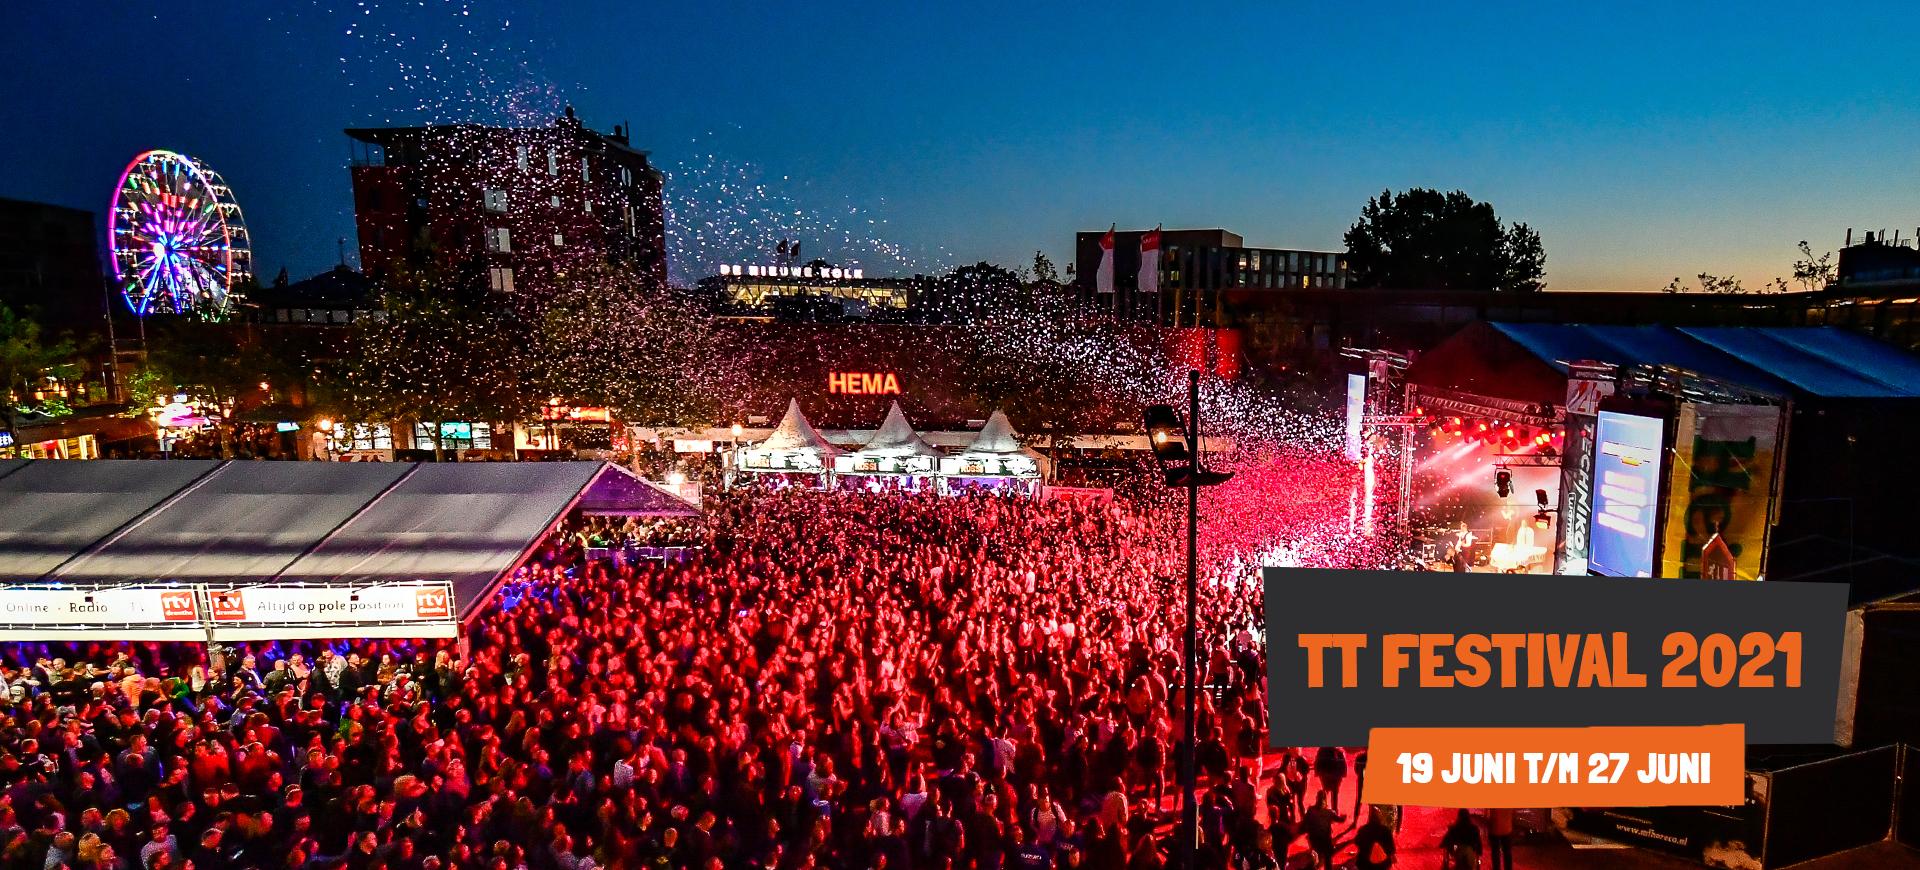 TT Festival 2021